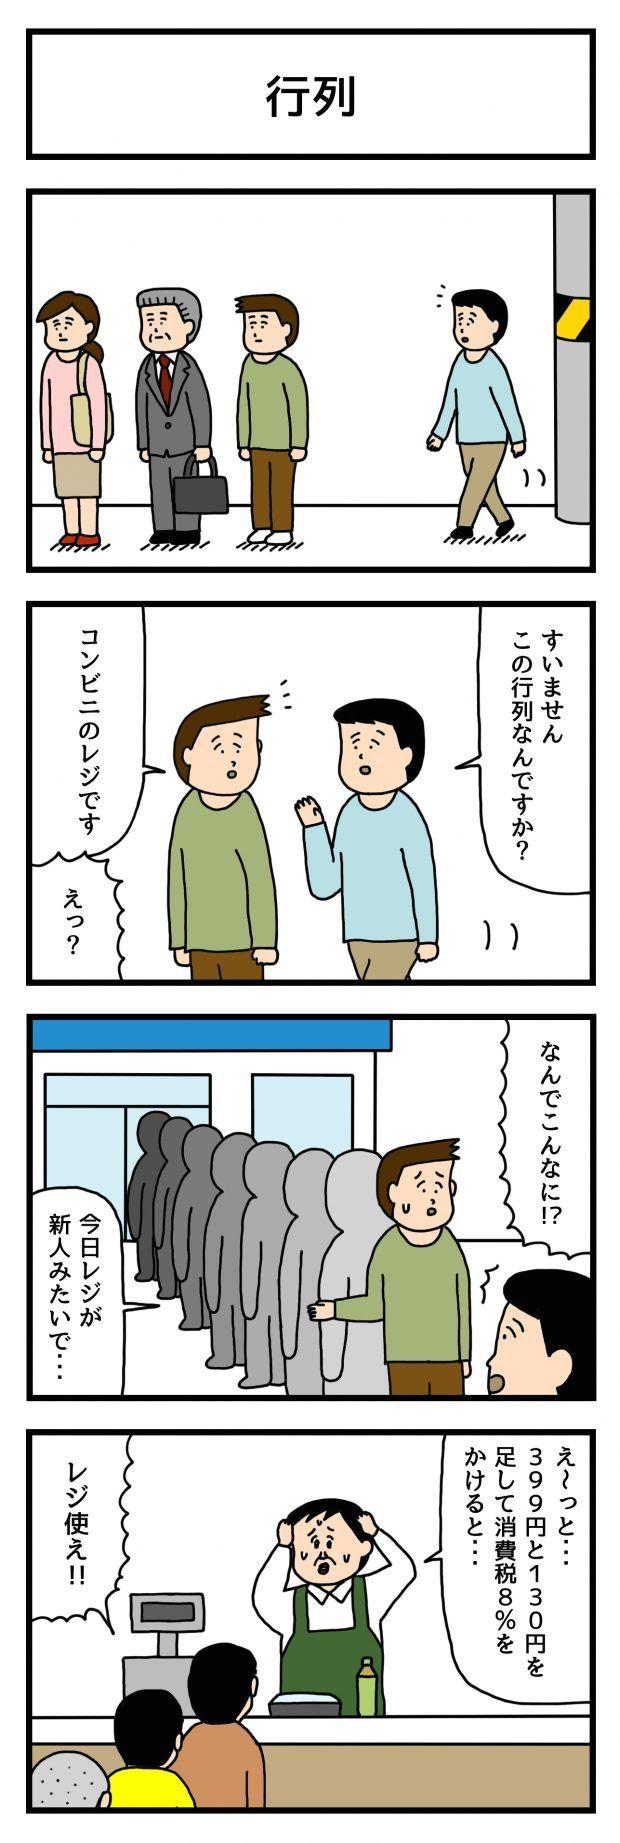 四 コマ 漫画 ネタ 時事ネタ系4コマ漫画集「コロナは概念」(片岡ジョージ)